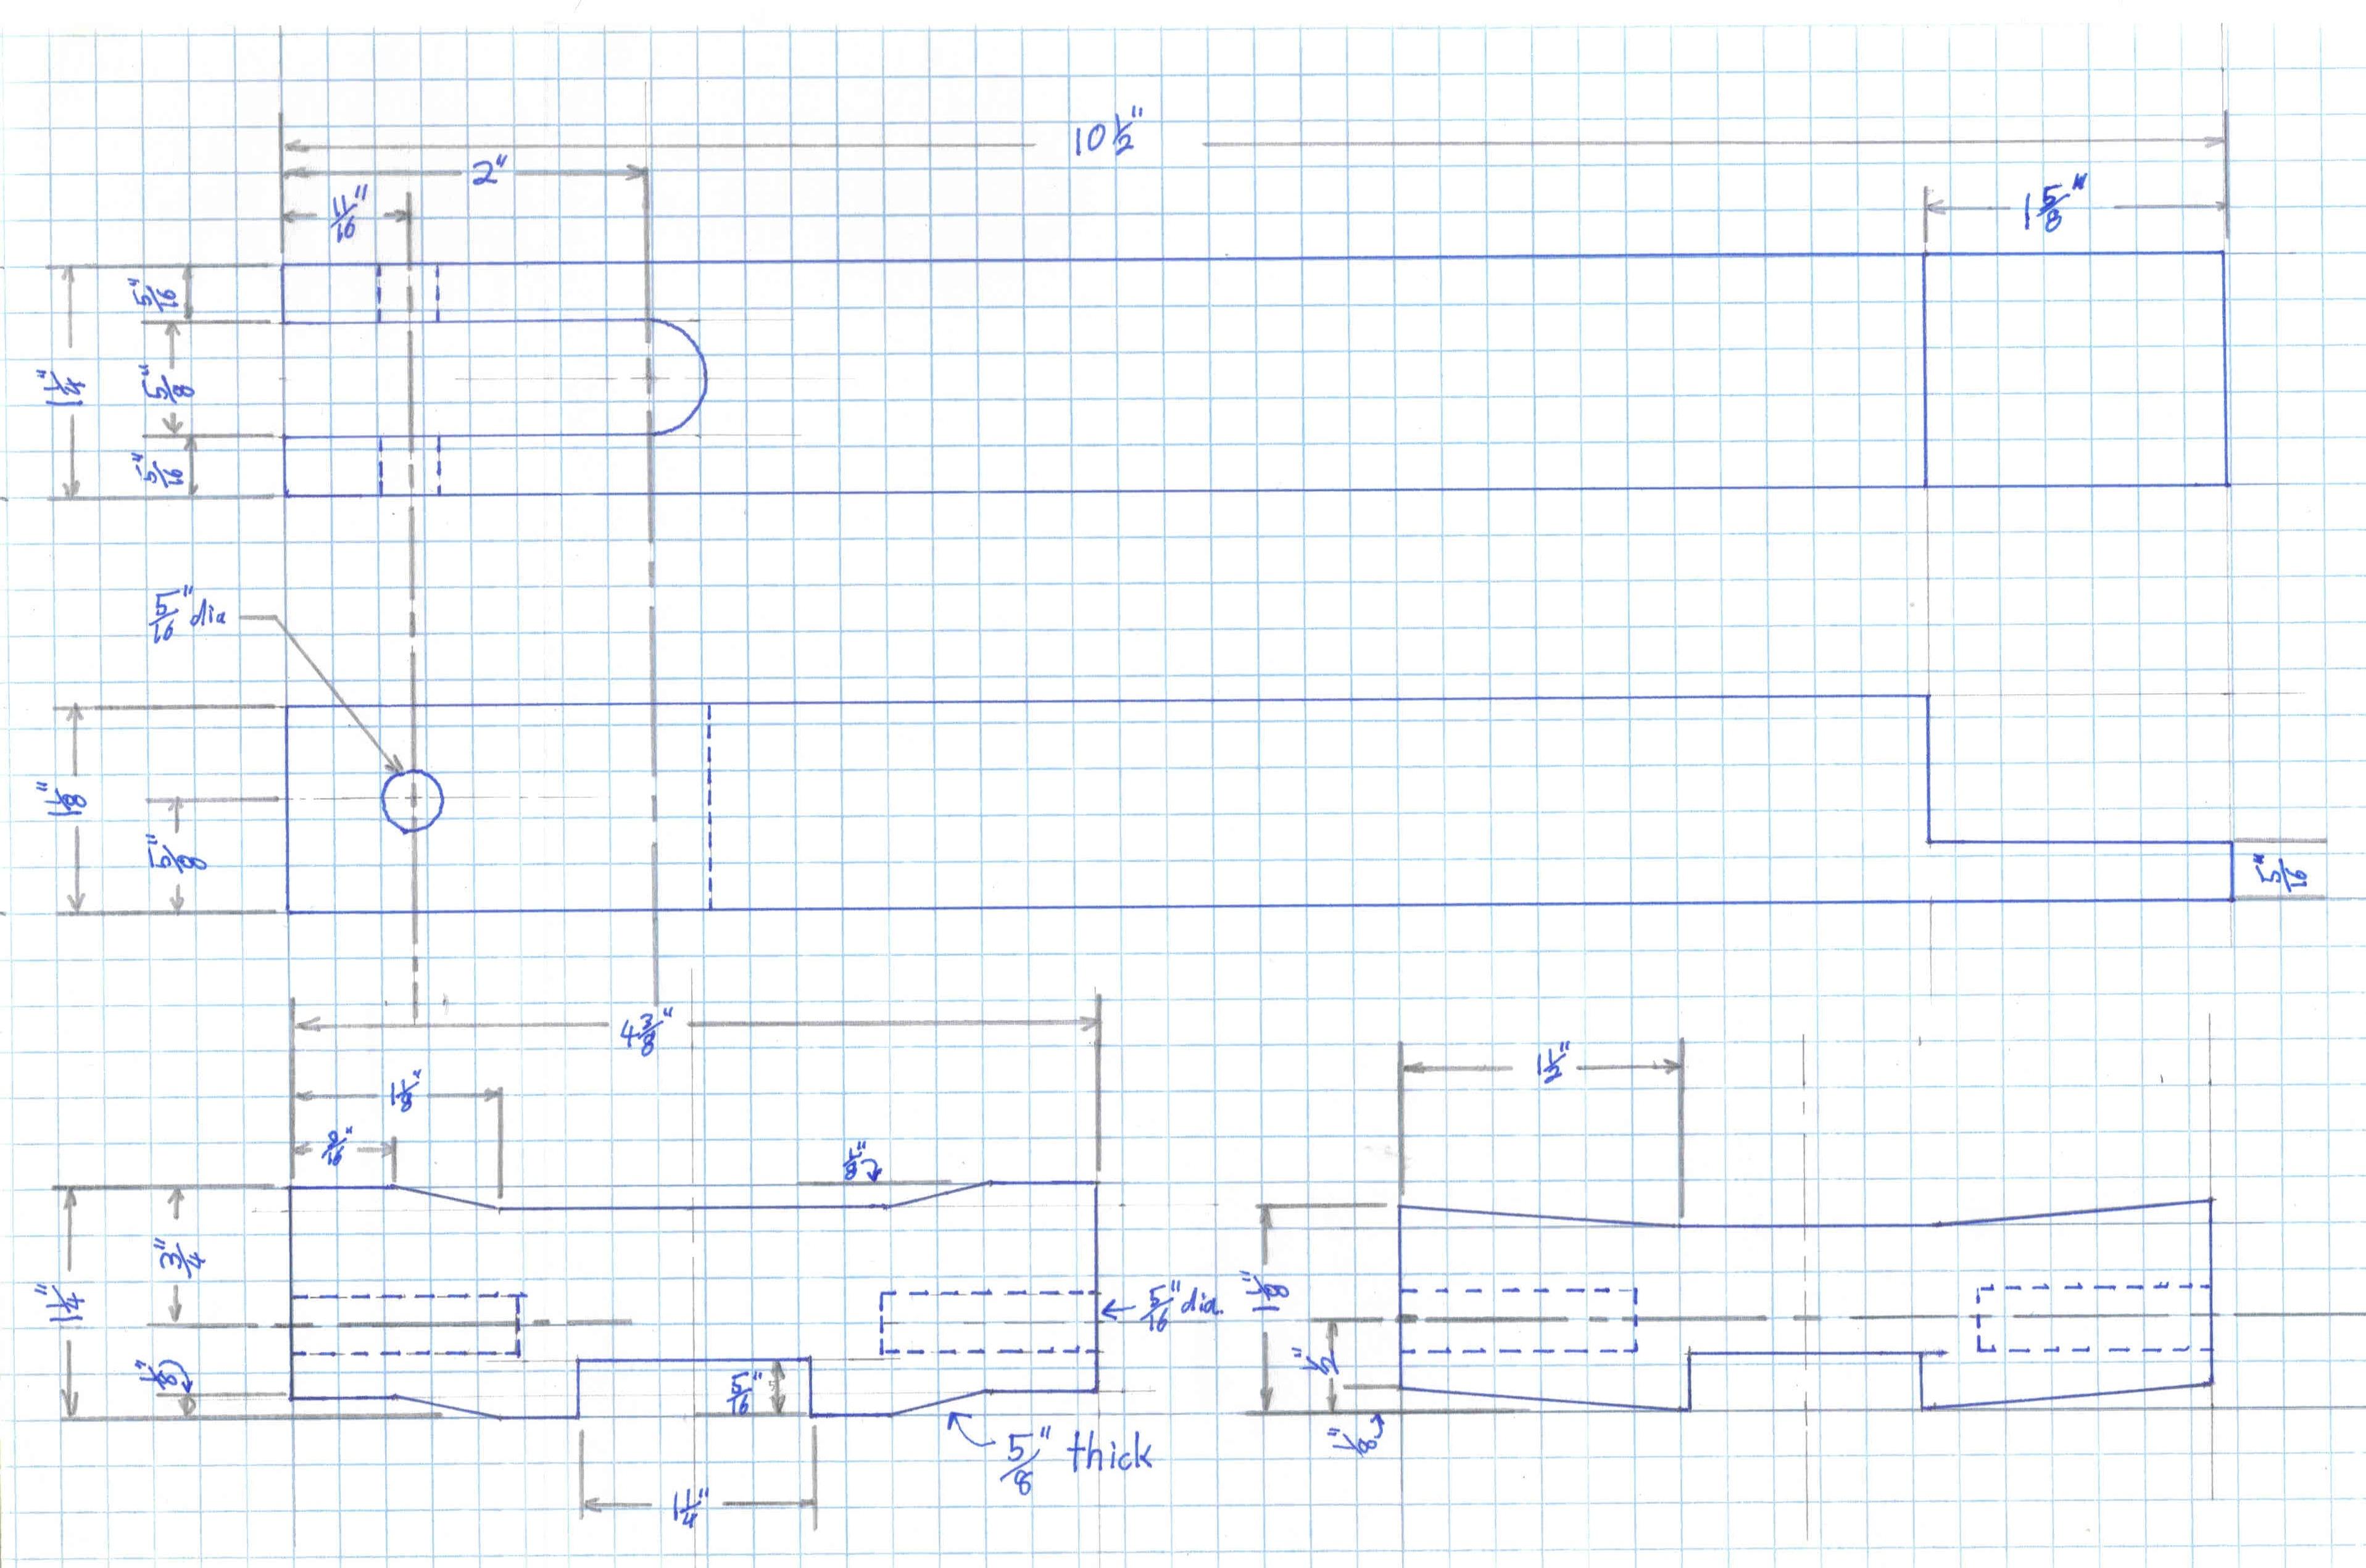 Chassisplan on Wet Jet Wiring Diagram